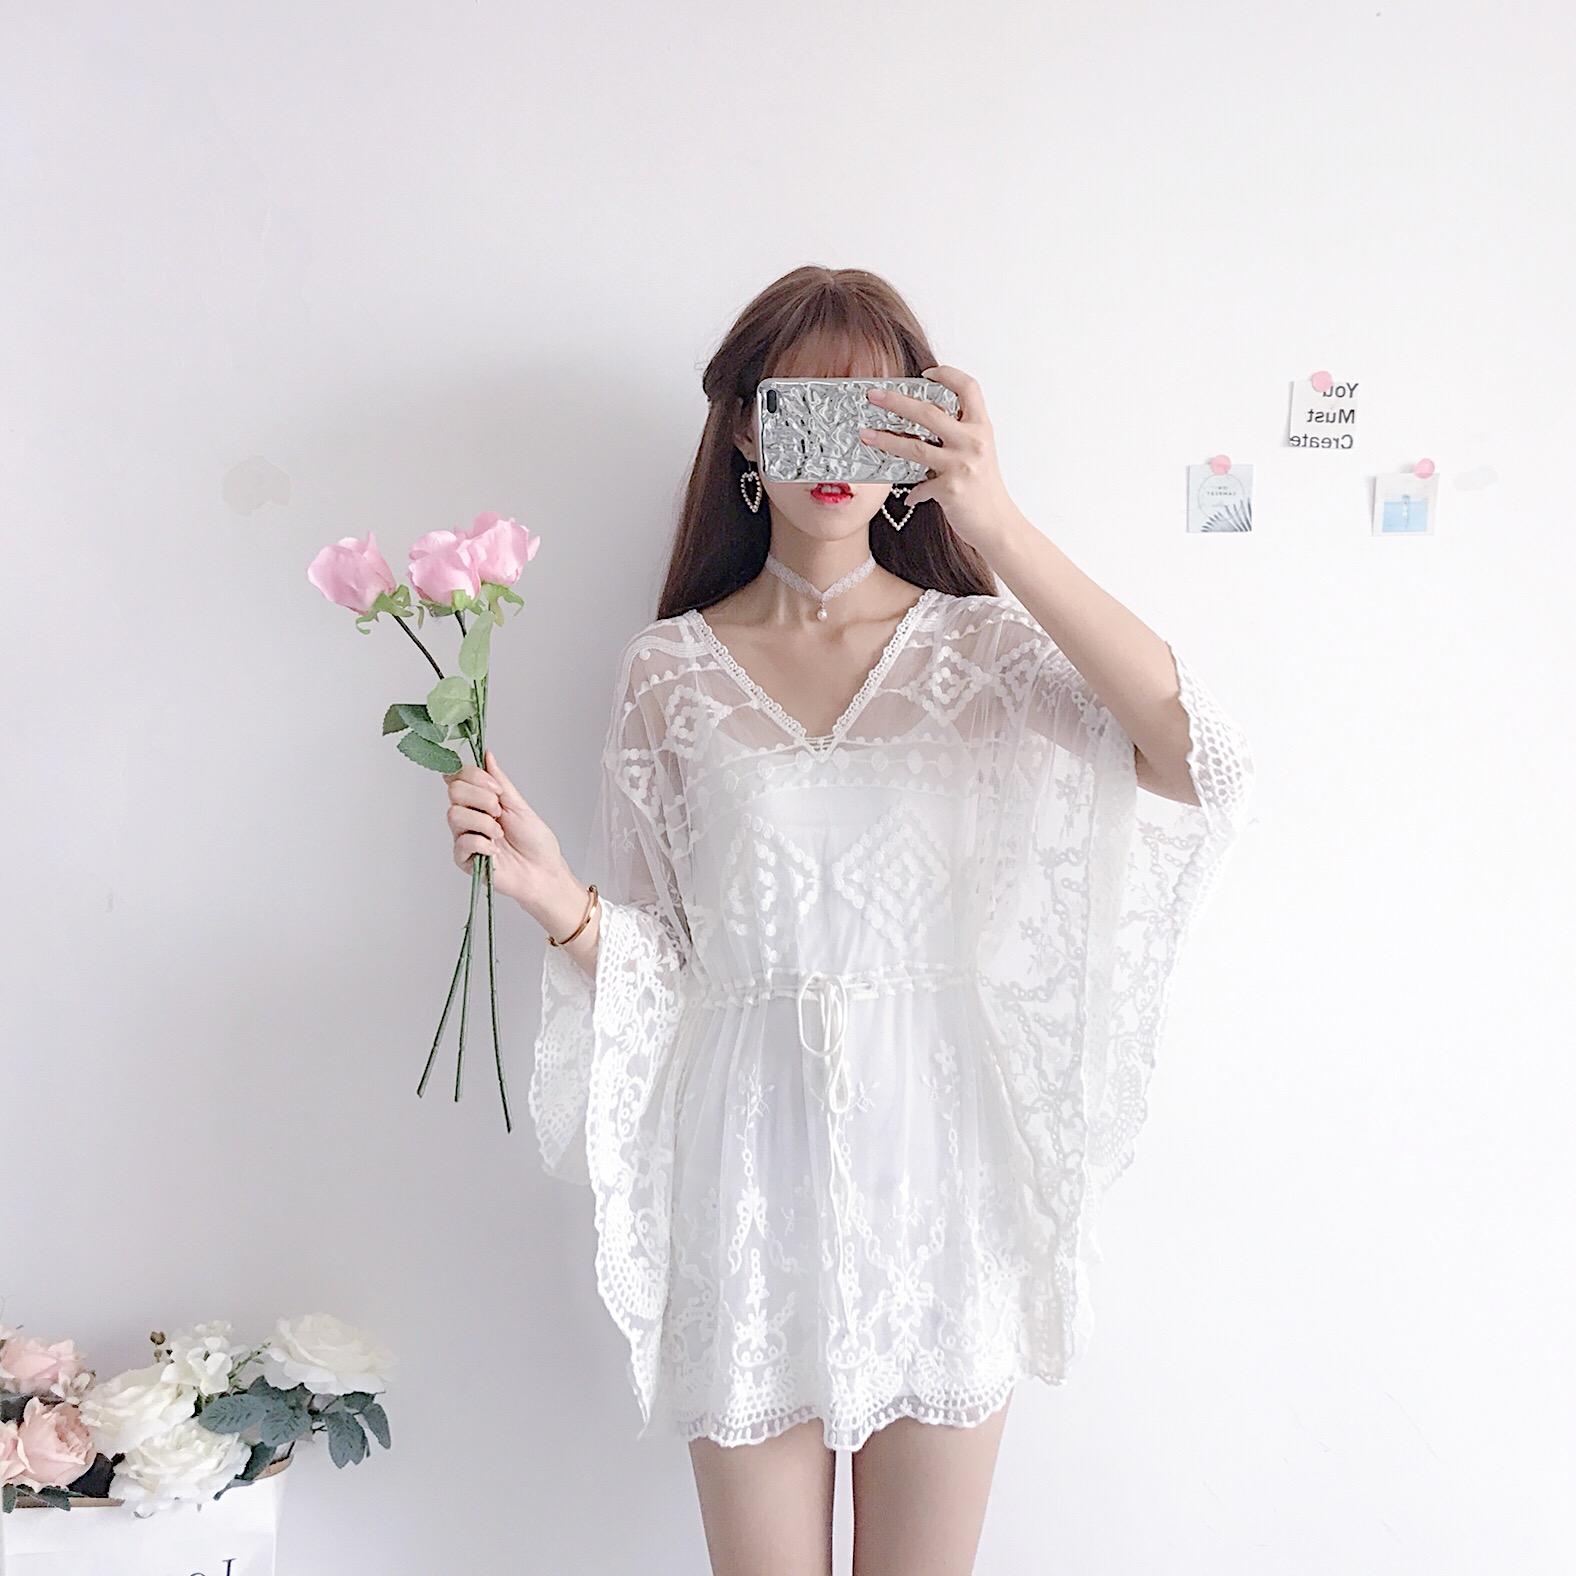 超酷女装套装个性潮流出游必备镂空刺绣蕾丝花边仙女风罩衫+吊带